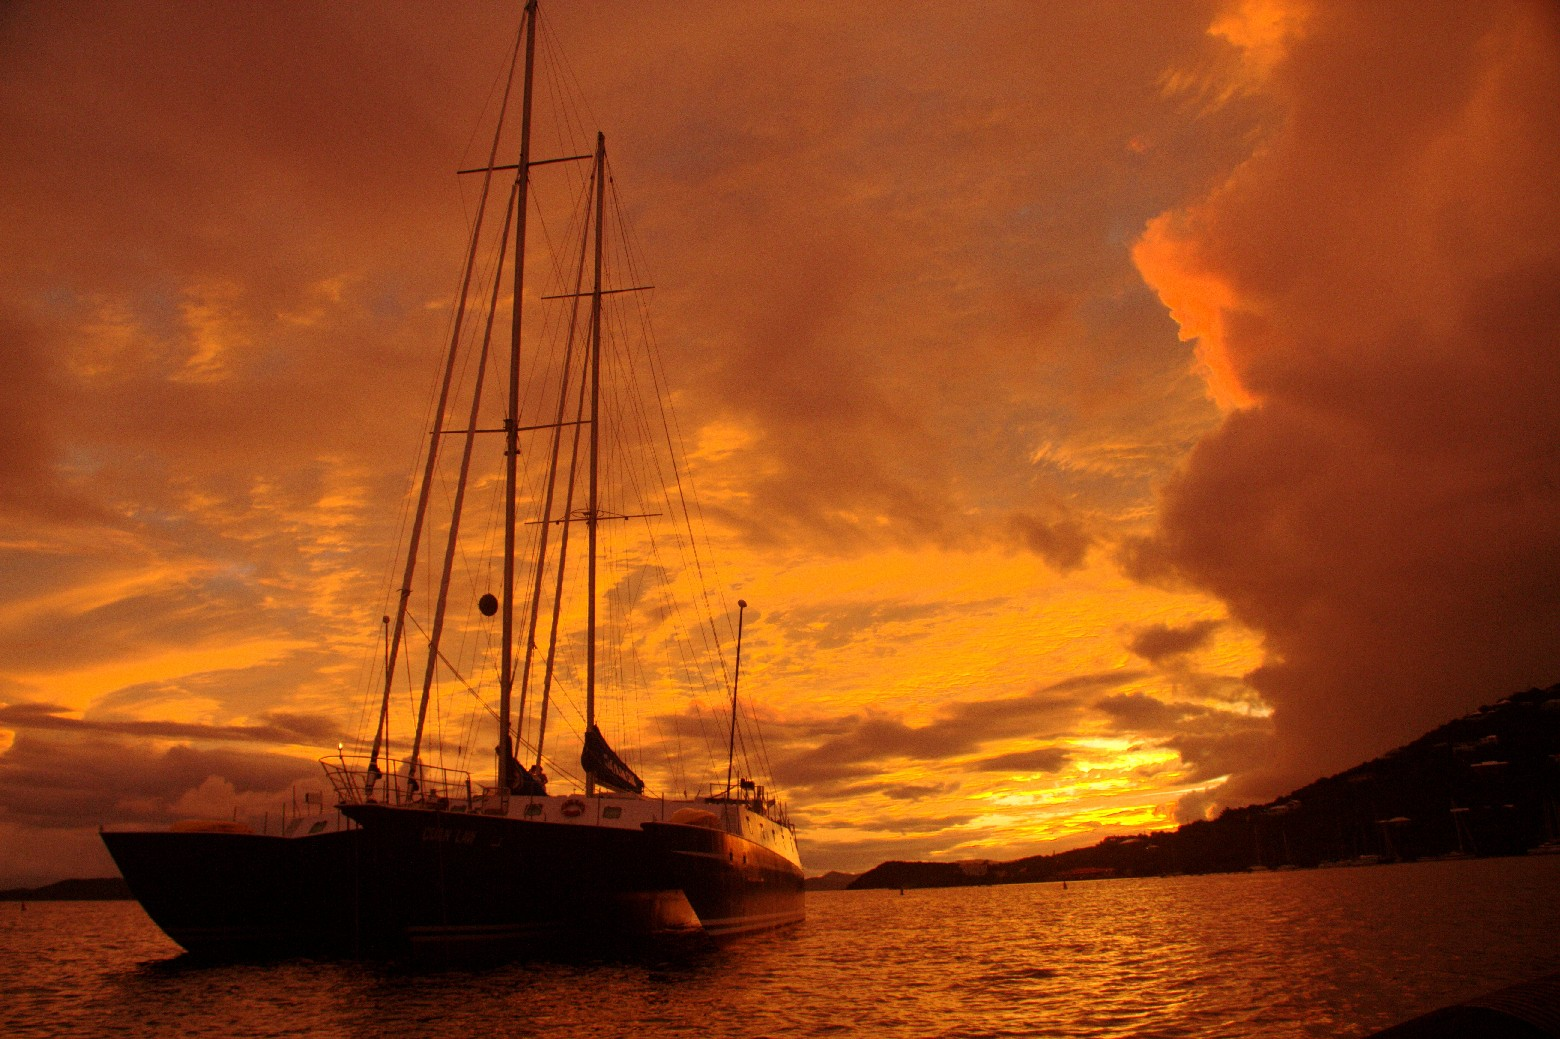 Vista do Cuan Law, uma das opções de veleiros nas Ilhas Virgens Britânicas (foto: Eduardo Vessoni)